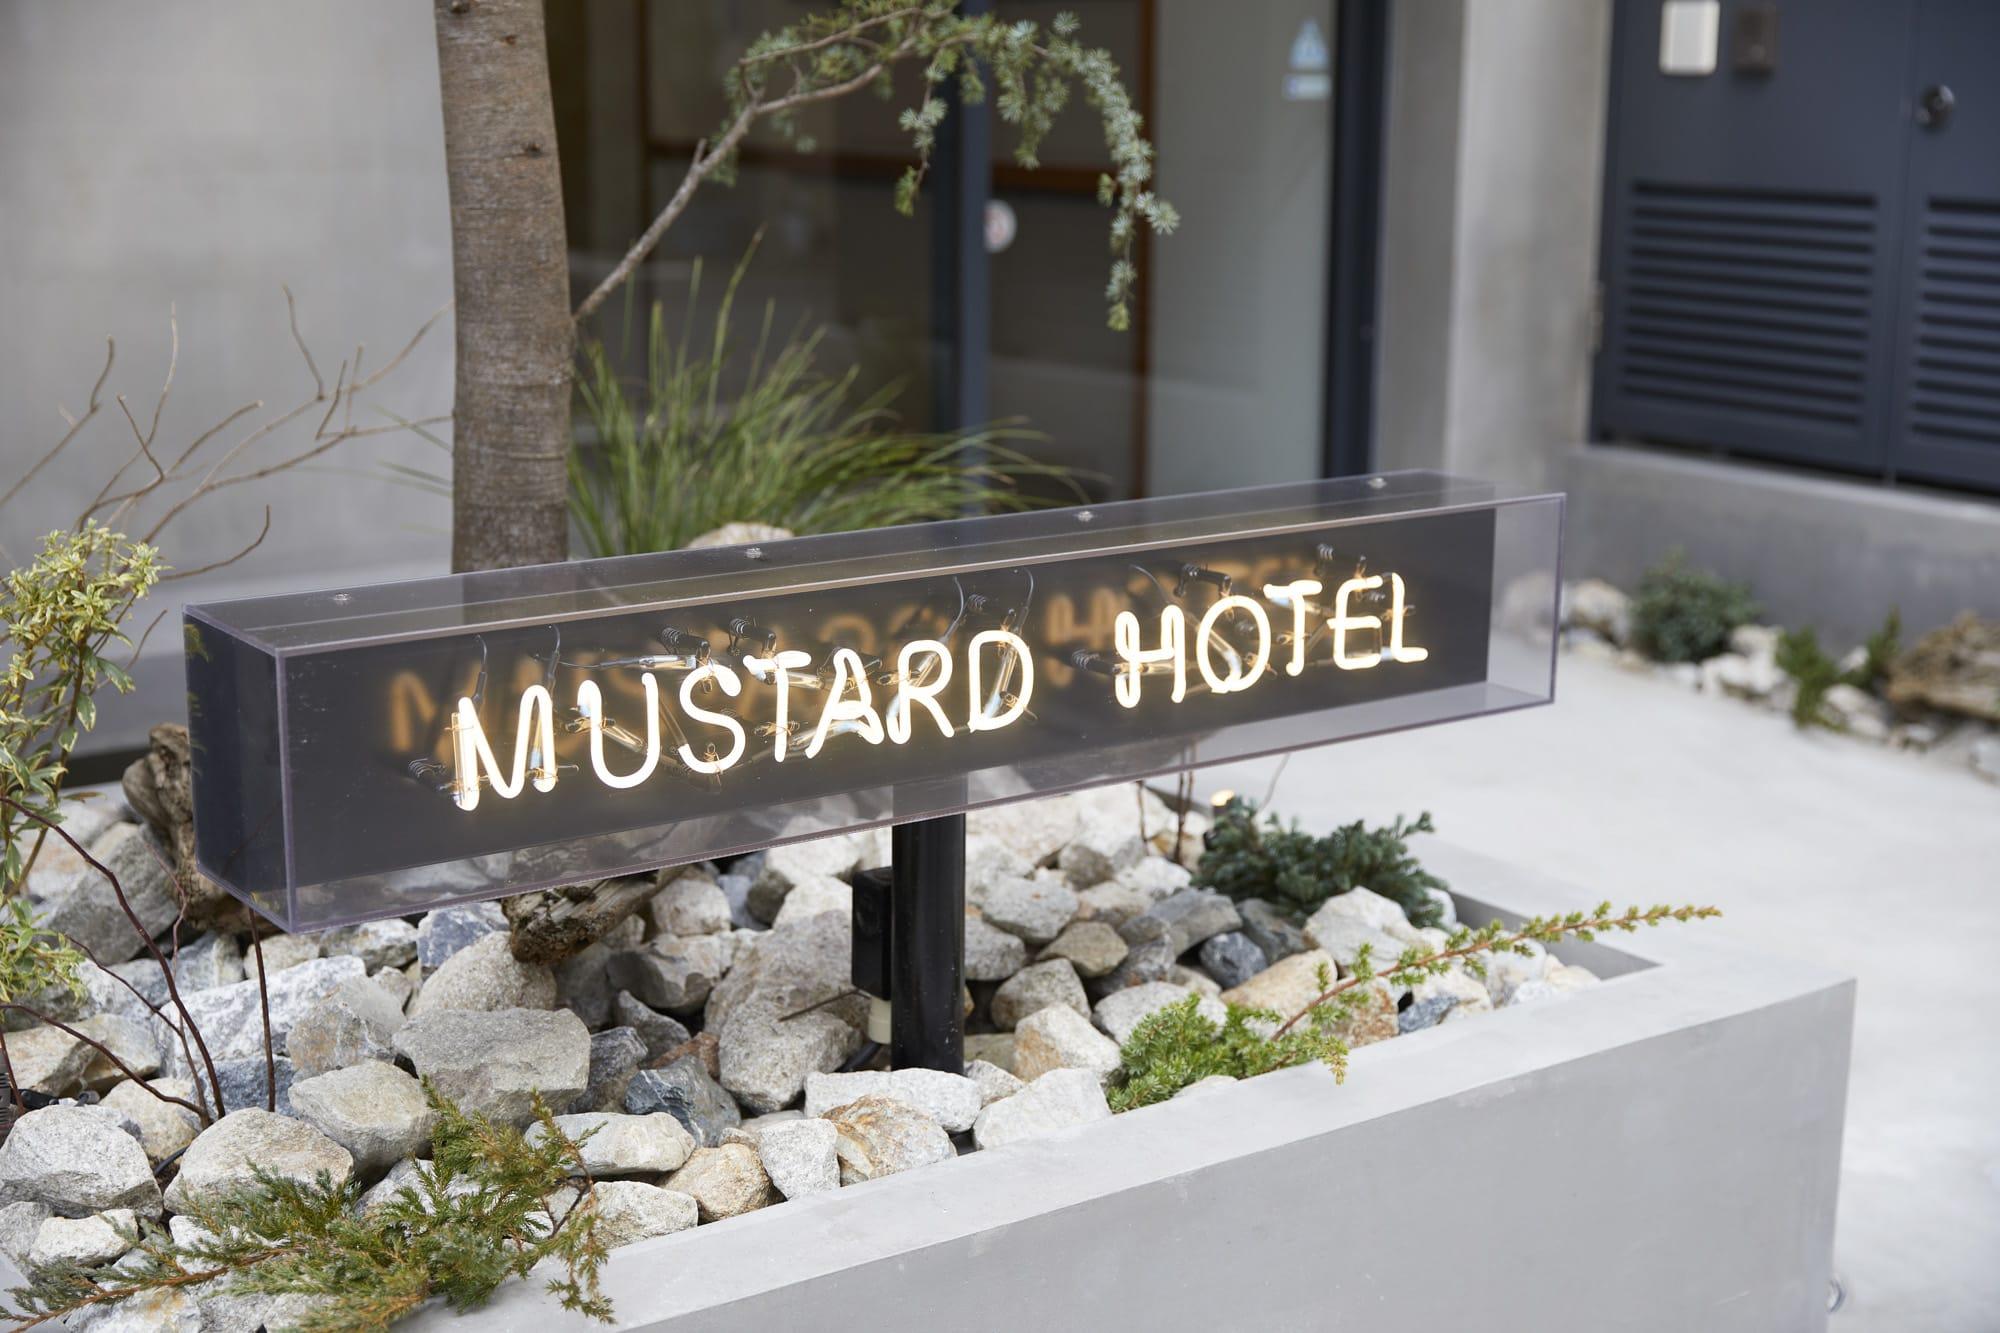 HOSTEL - Mustard Hotel Asakusa1